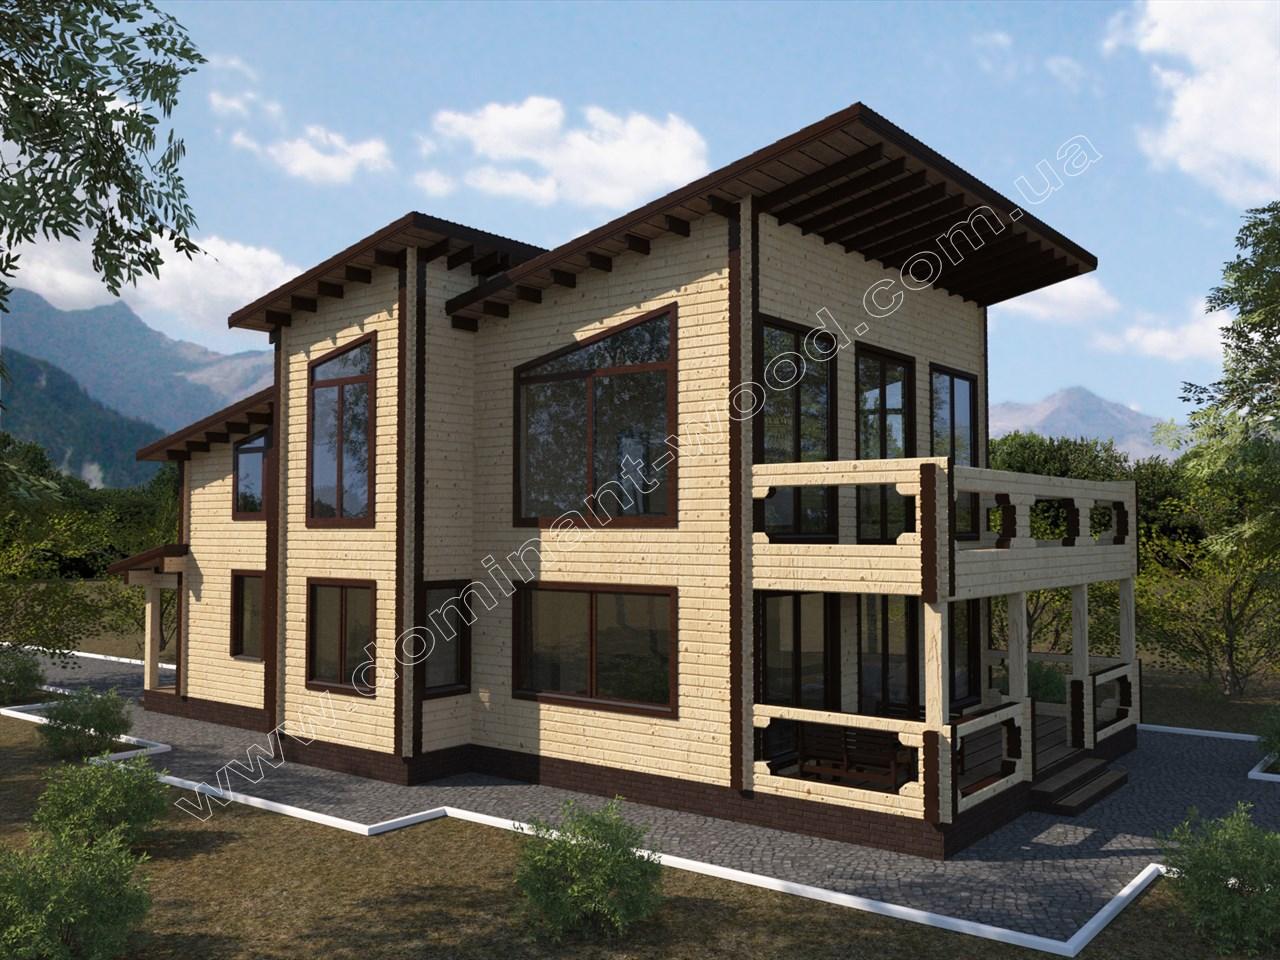 Новий проект будинку з сухого брусу Дафред — Доминант